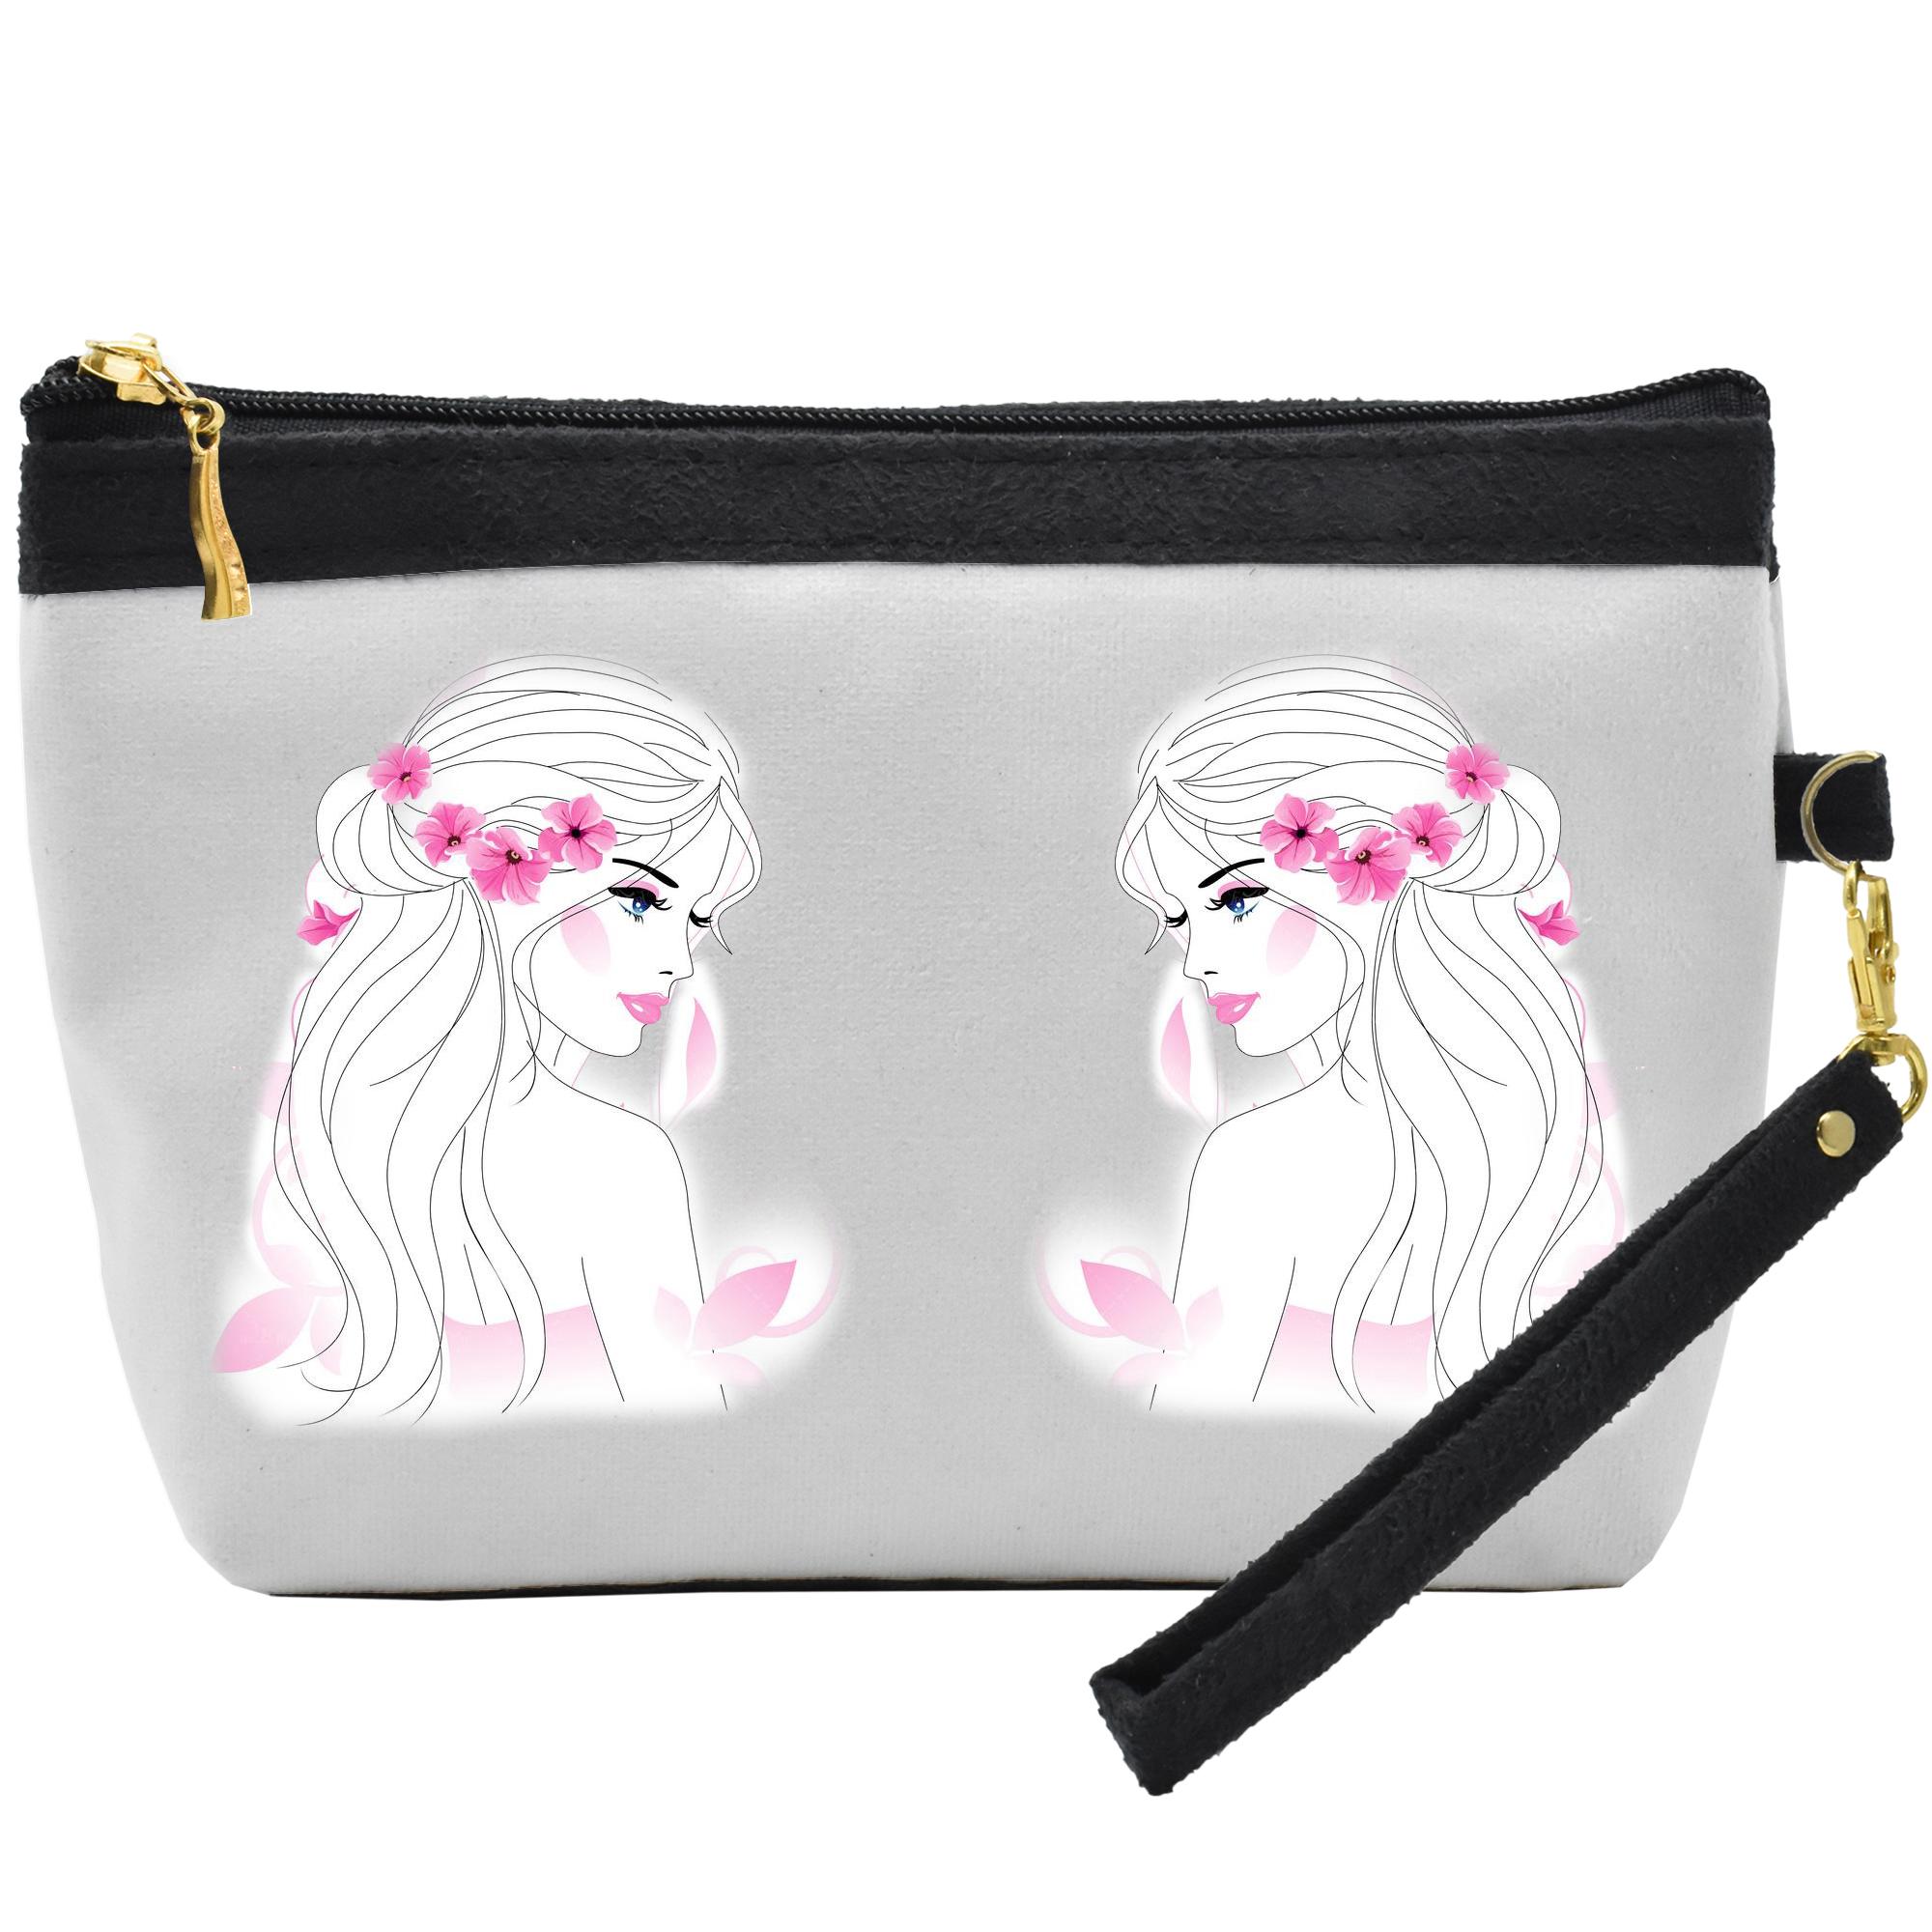 قیمت کیف لوازم آرایشی آکو مدلKA07